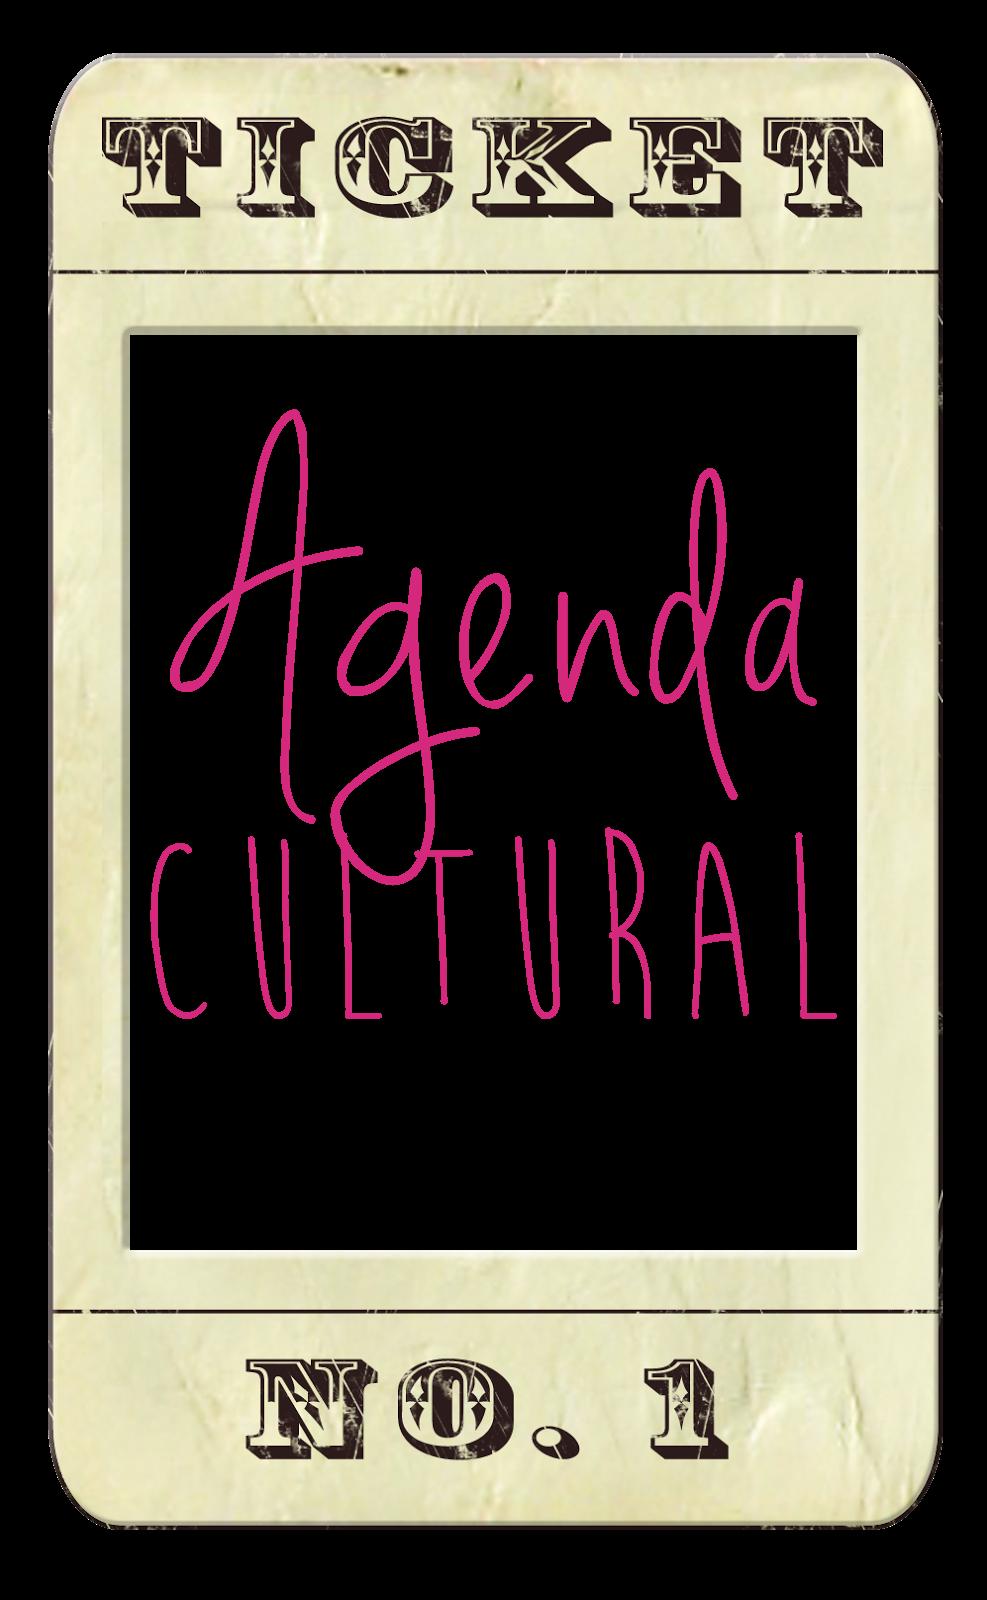 Agenda cultural Curitiba - blog Mamãe de Salto